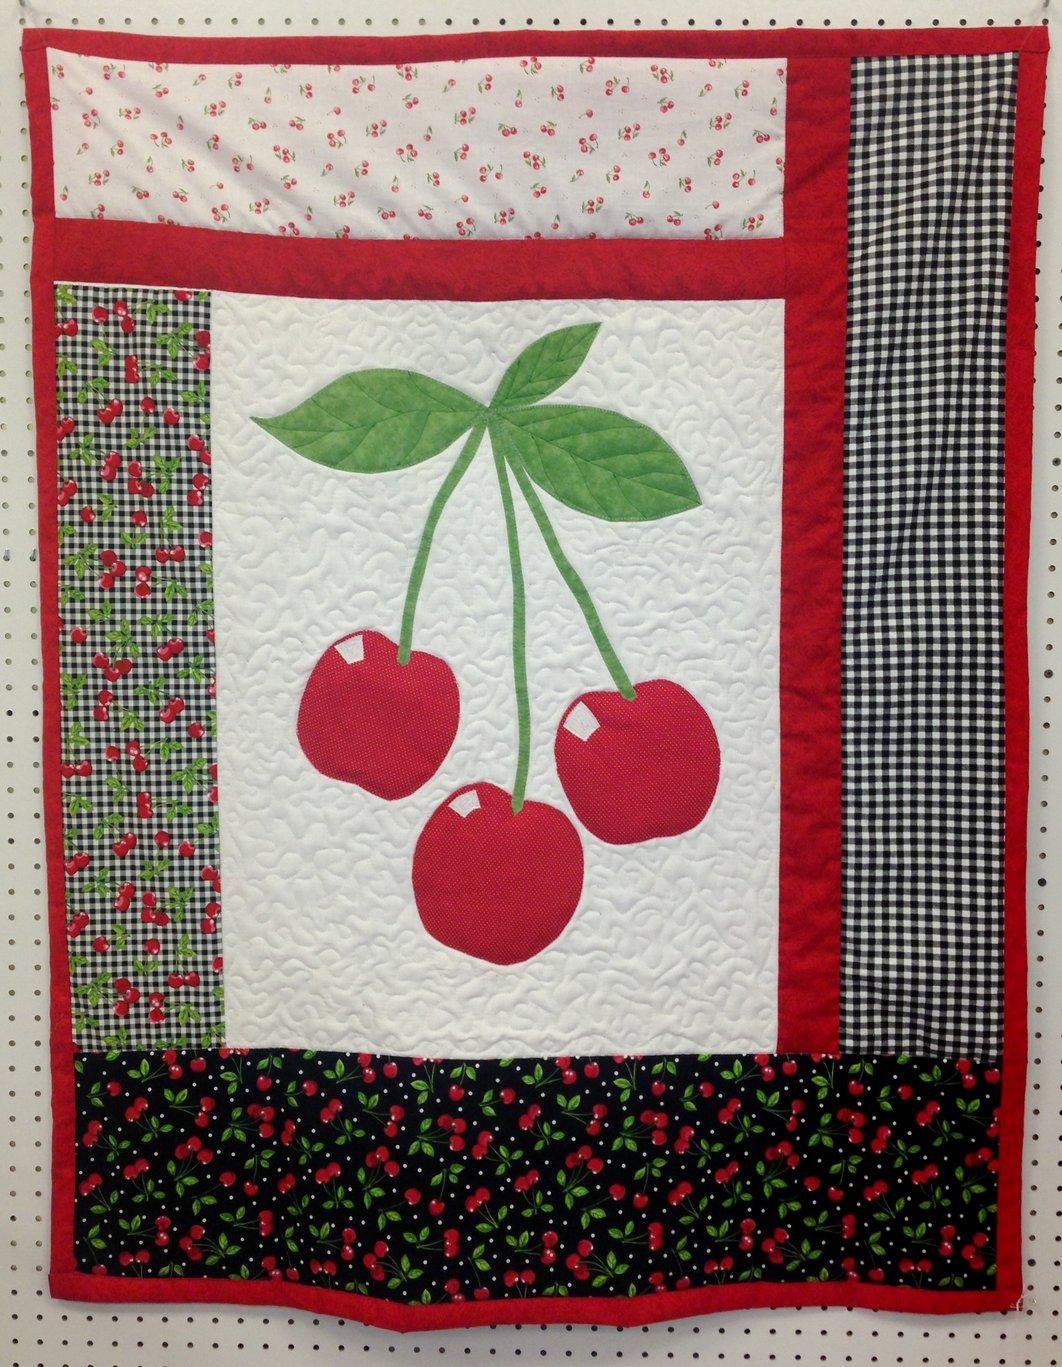 Red Cherries crib quilt